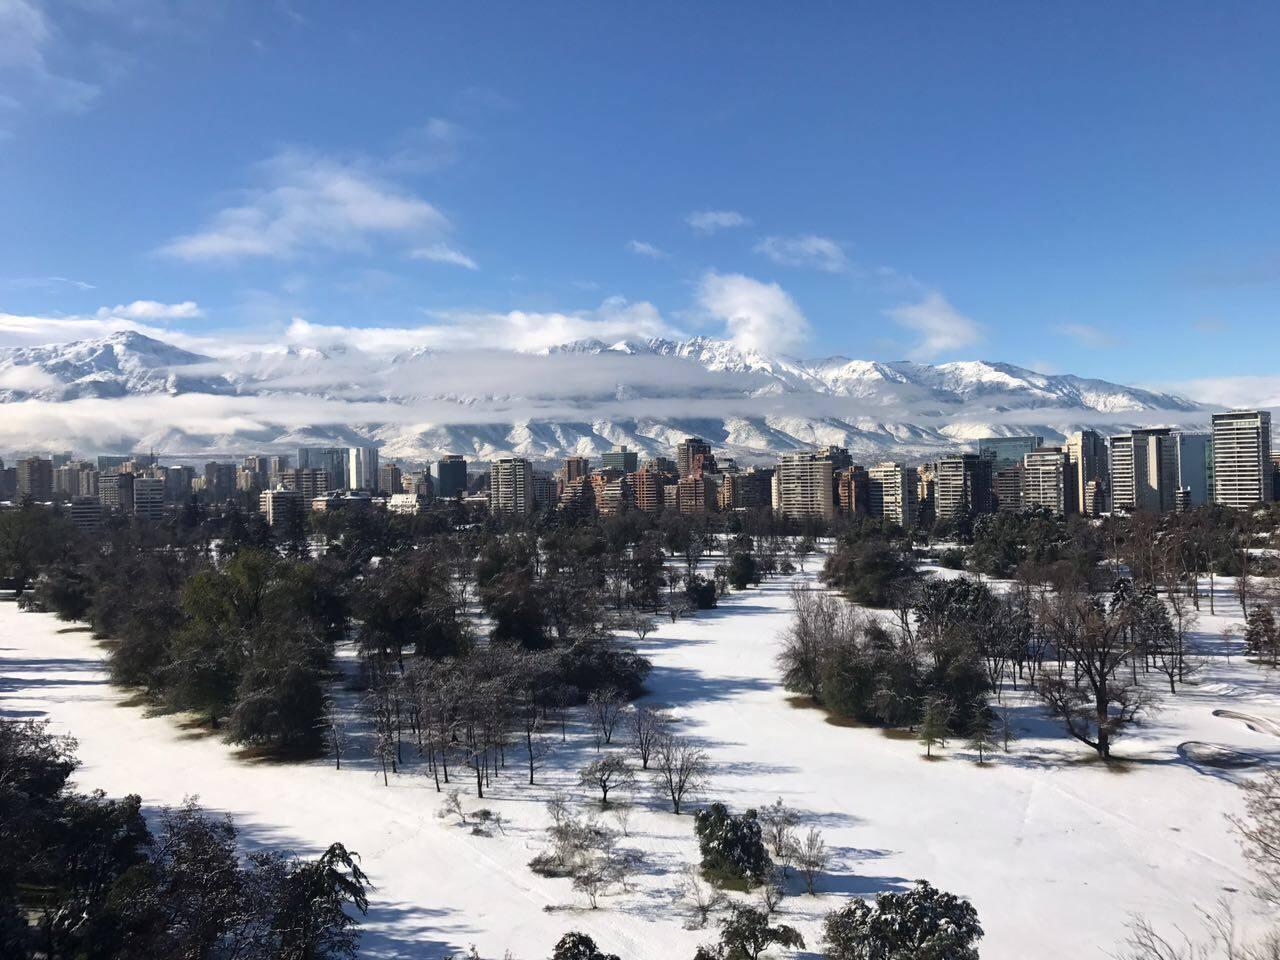 snowstorm in santiago, chile